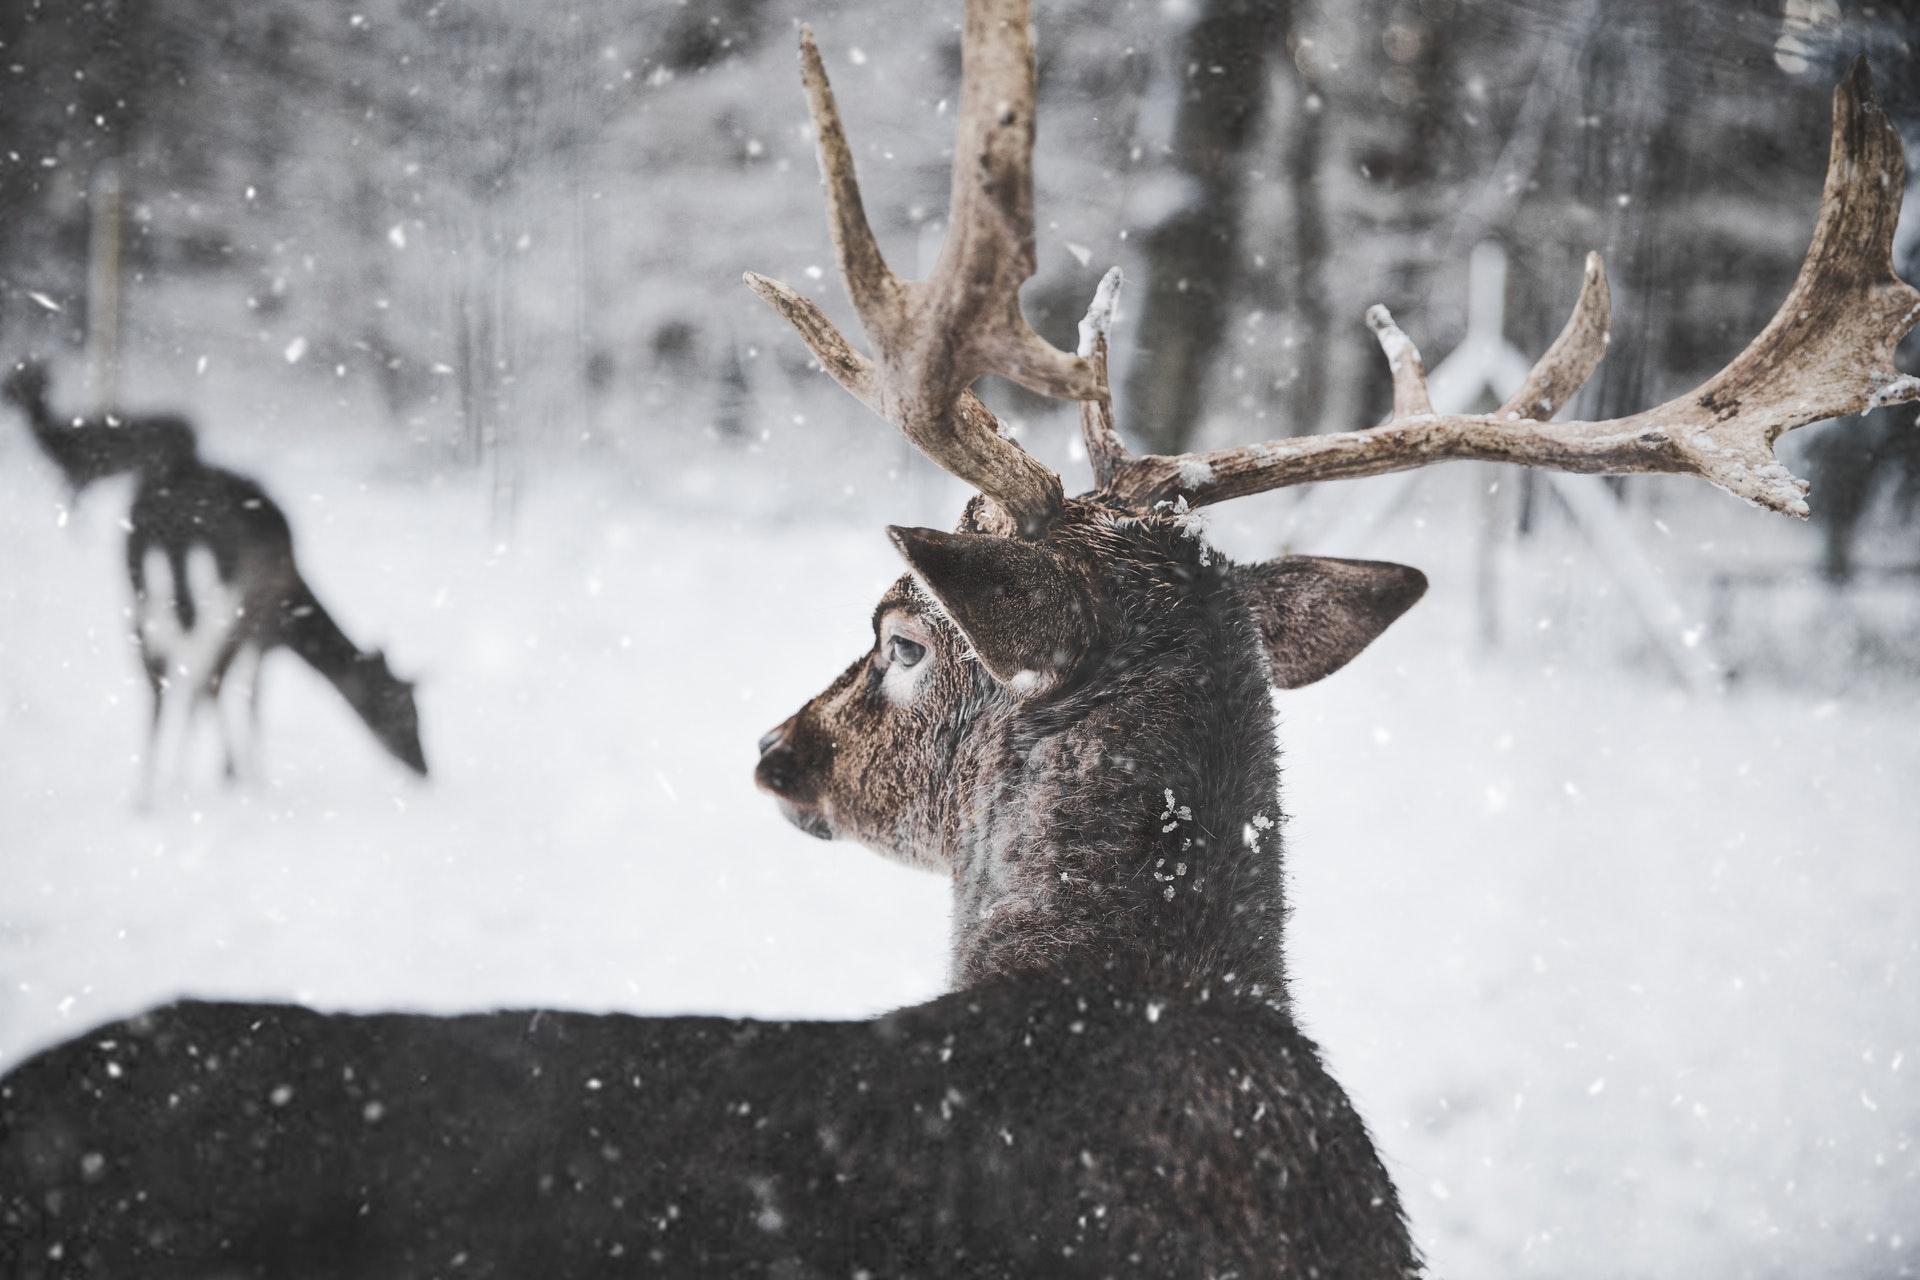 download wallpaper: hert in de sneeuw wallpaper